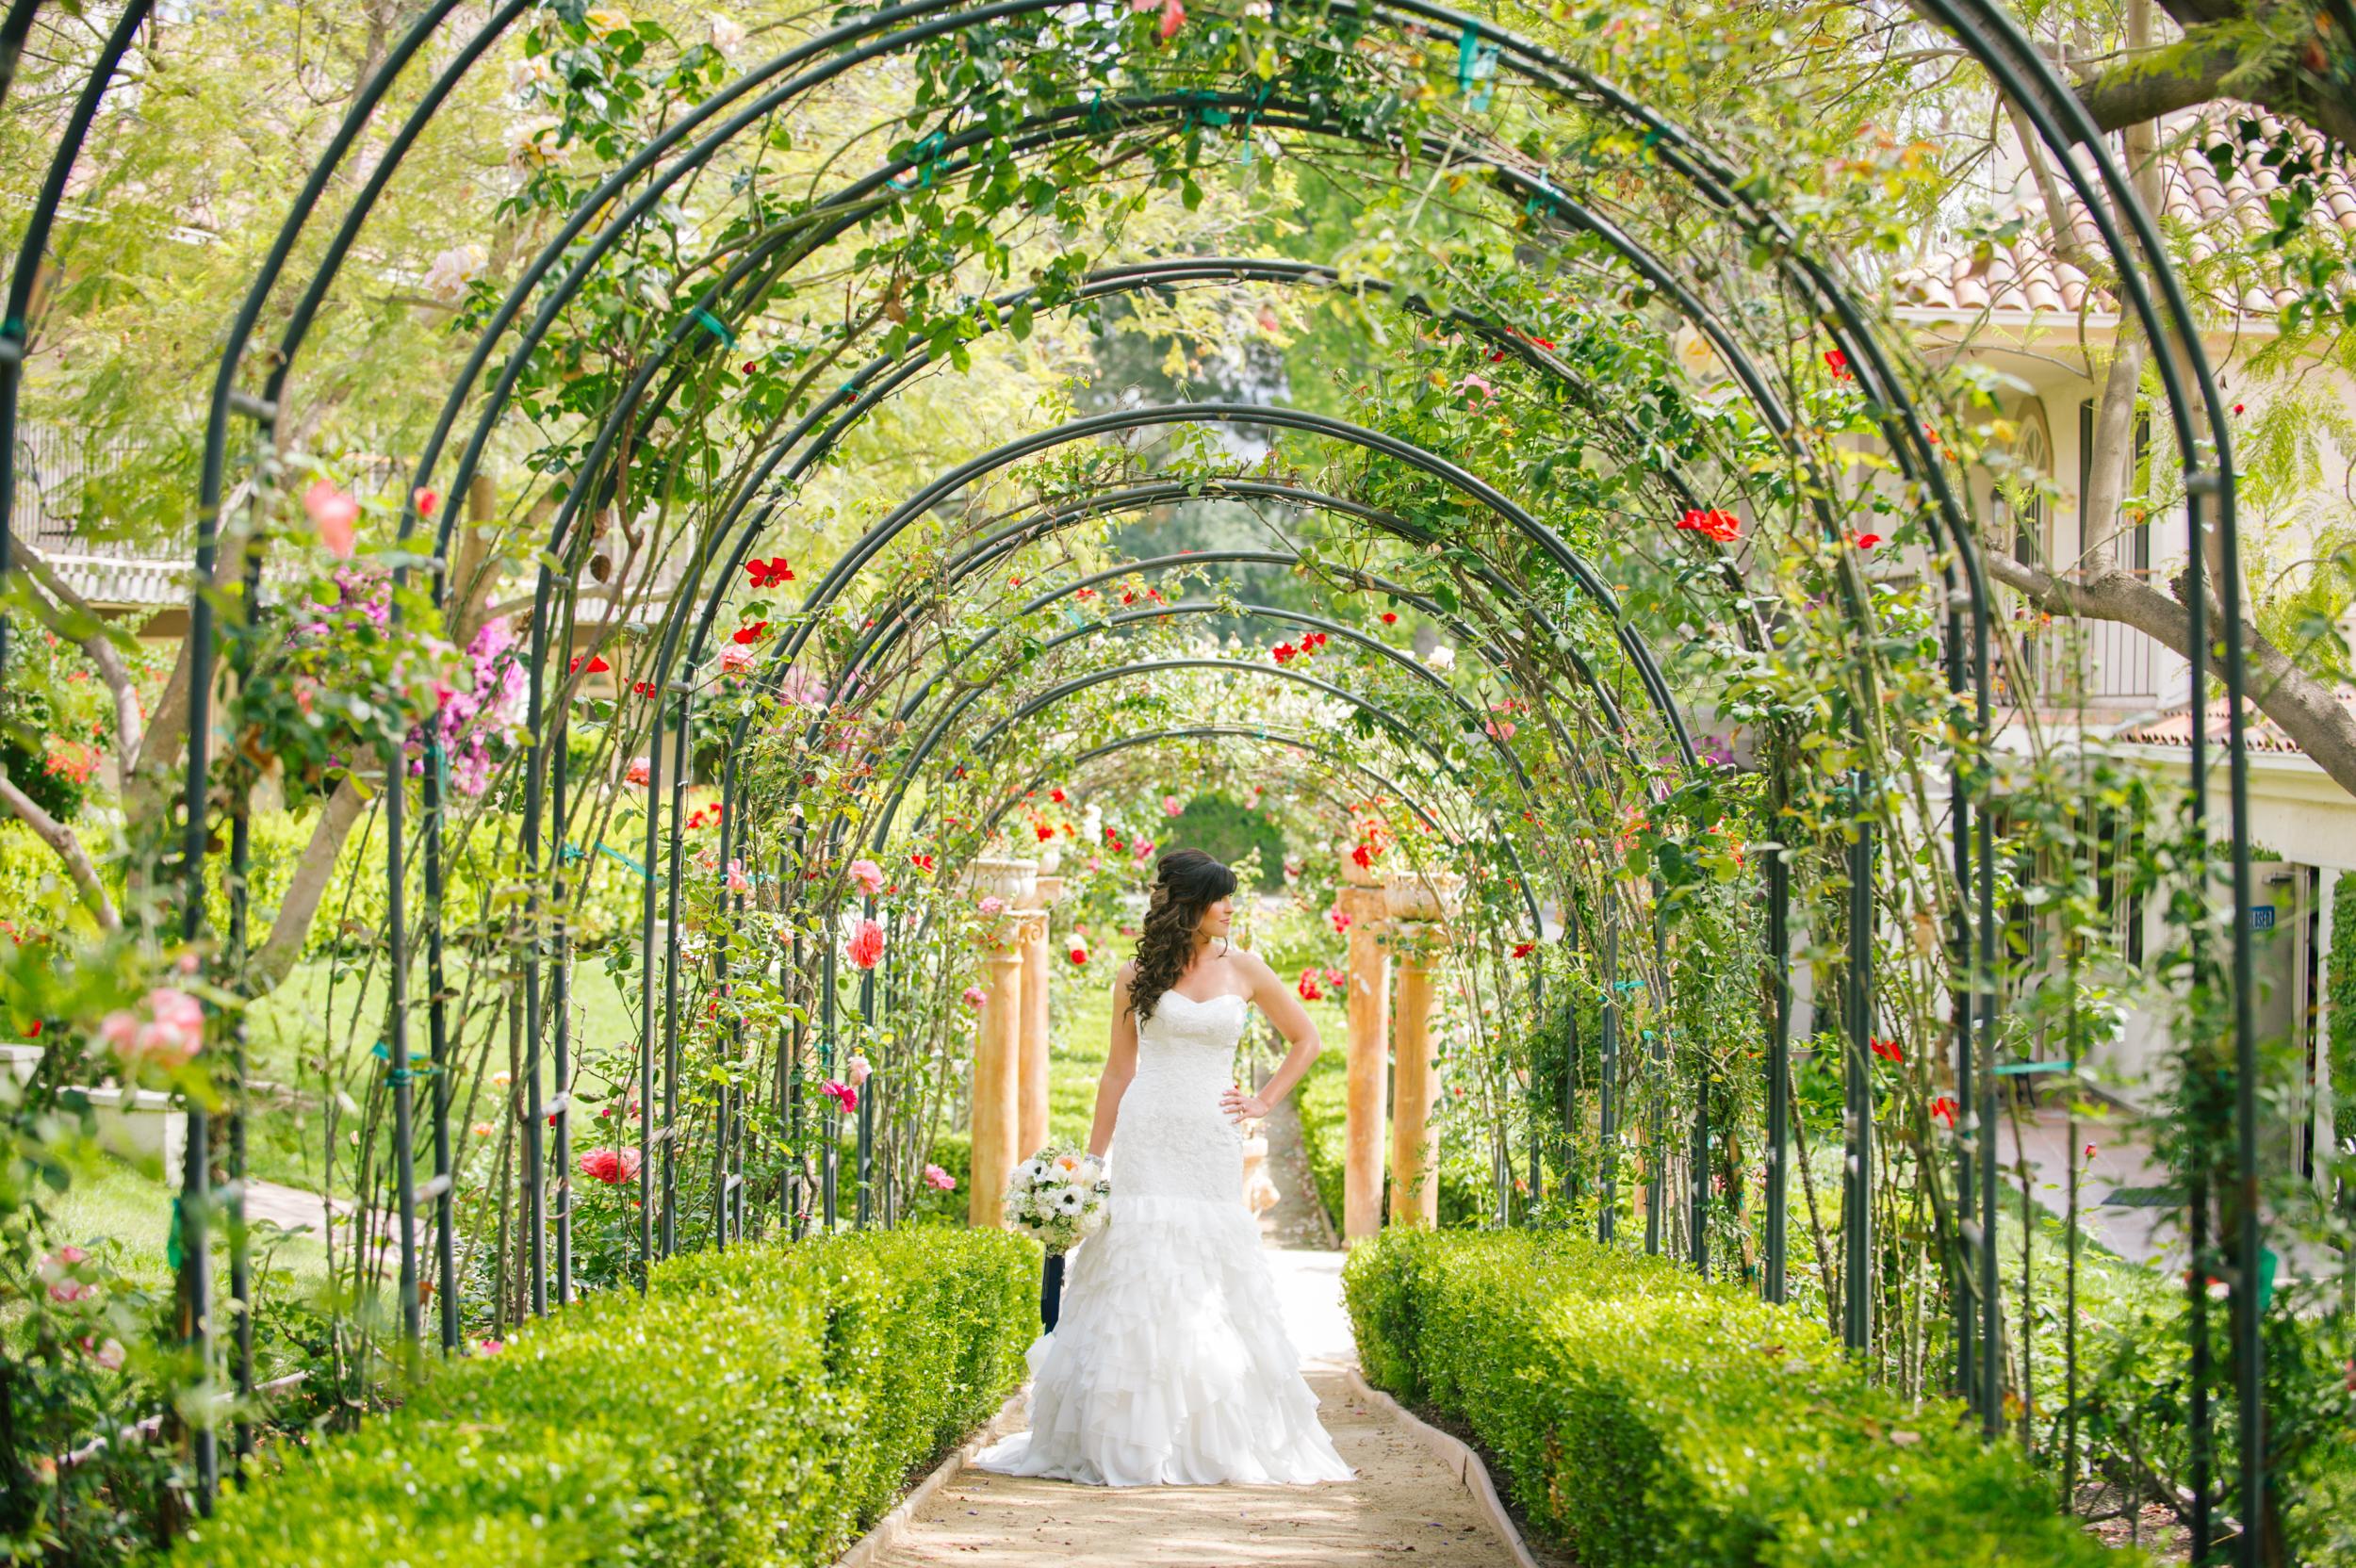 Calamigos-Ranch-Wedding-0075.JPG